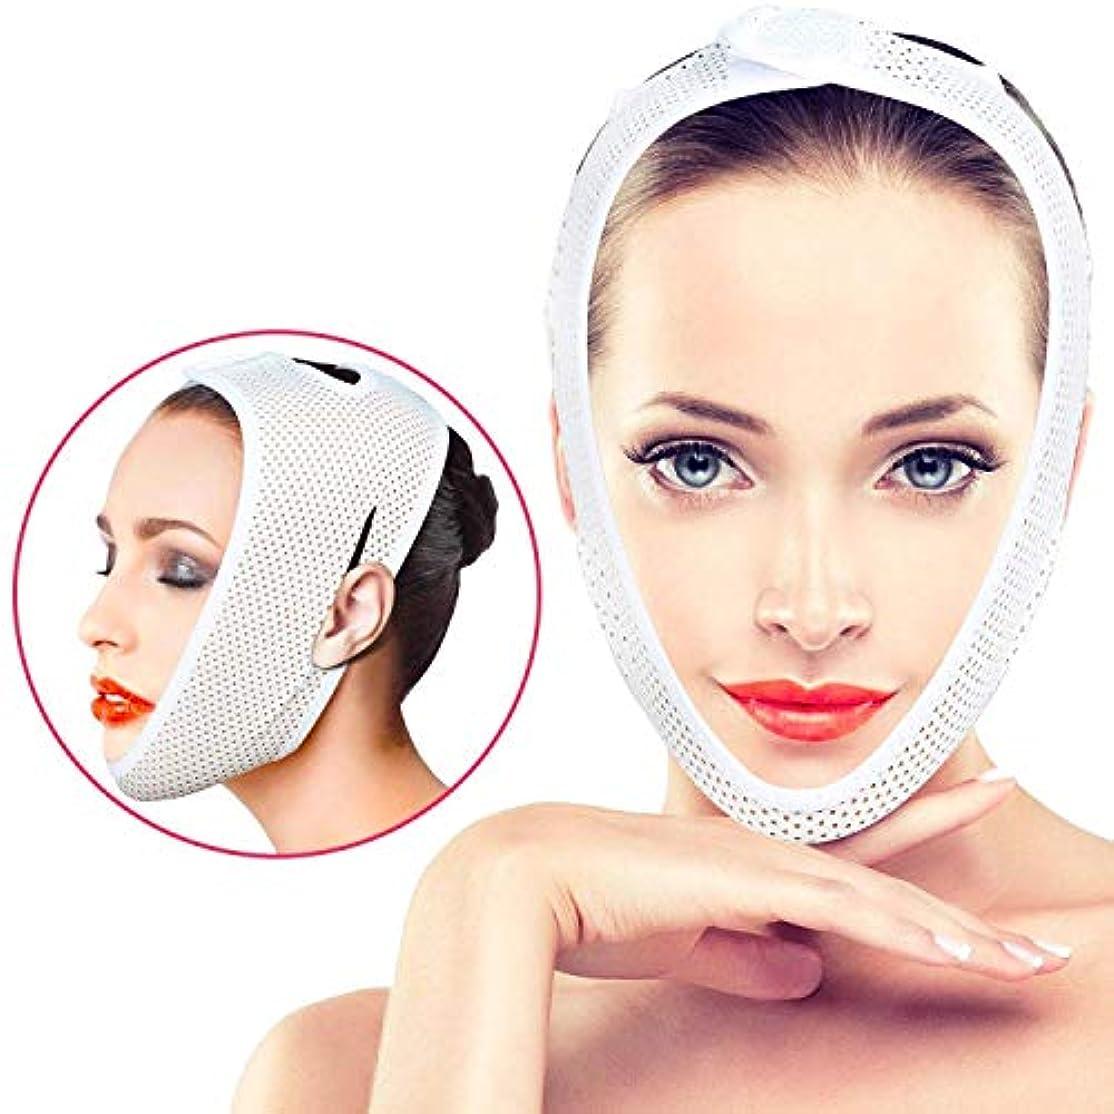 チャーミング証人ロンドンWSJTT パッチ通気チンケアを締め付け女性のための顔のリフティングベルト、Vラインチンチークリフトアップバンドアンチリンクル包帯、スリミング包帯二重あごケア減量Vフェイスベルト補正ベルト